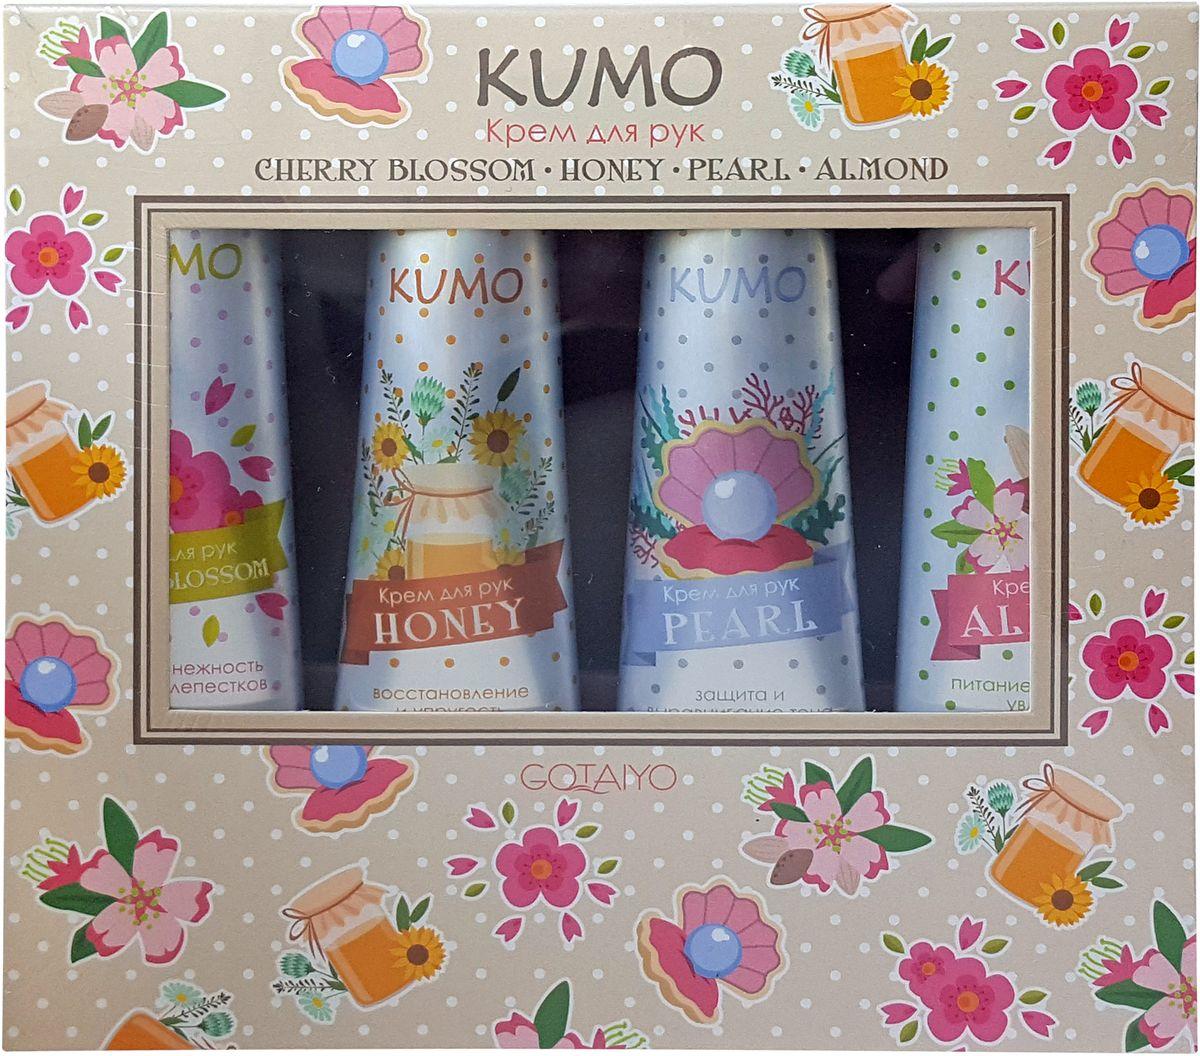 Kumo Набор из 4-х кремов для рук: Cherry Blossom, Honey, Pearl, Almond, 4 х 30 г20161Нежность сакуры. Легкий крем с эссенцией цветов сакуры обладает превосходным смягчающим действием и быстро впитывается. Натуральные растительные компоненты, масло ши и масло авокадо, питают и увлажняют кожу, активизируют выработку коллагена.